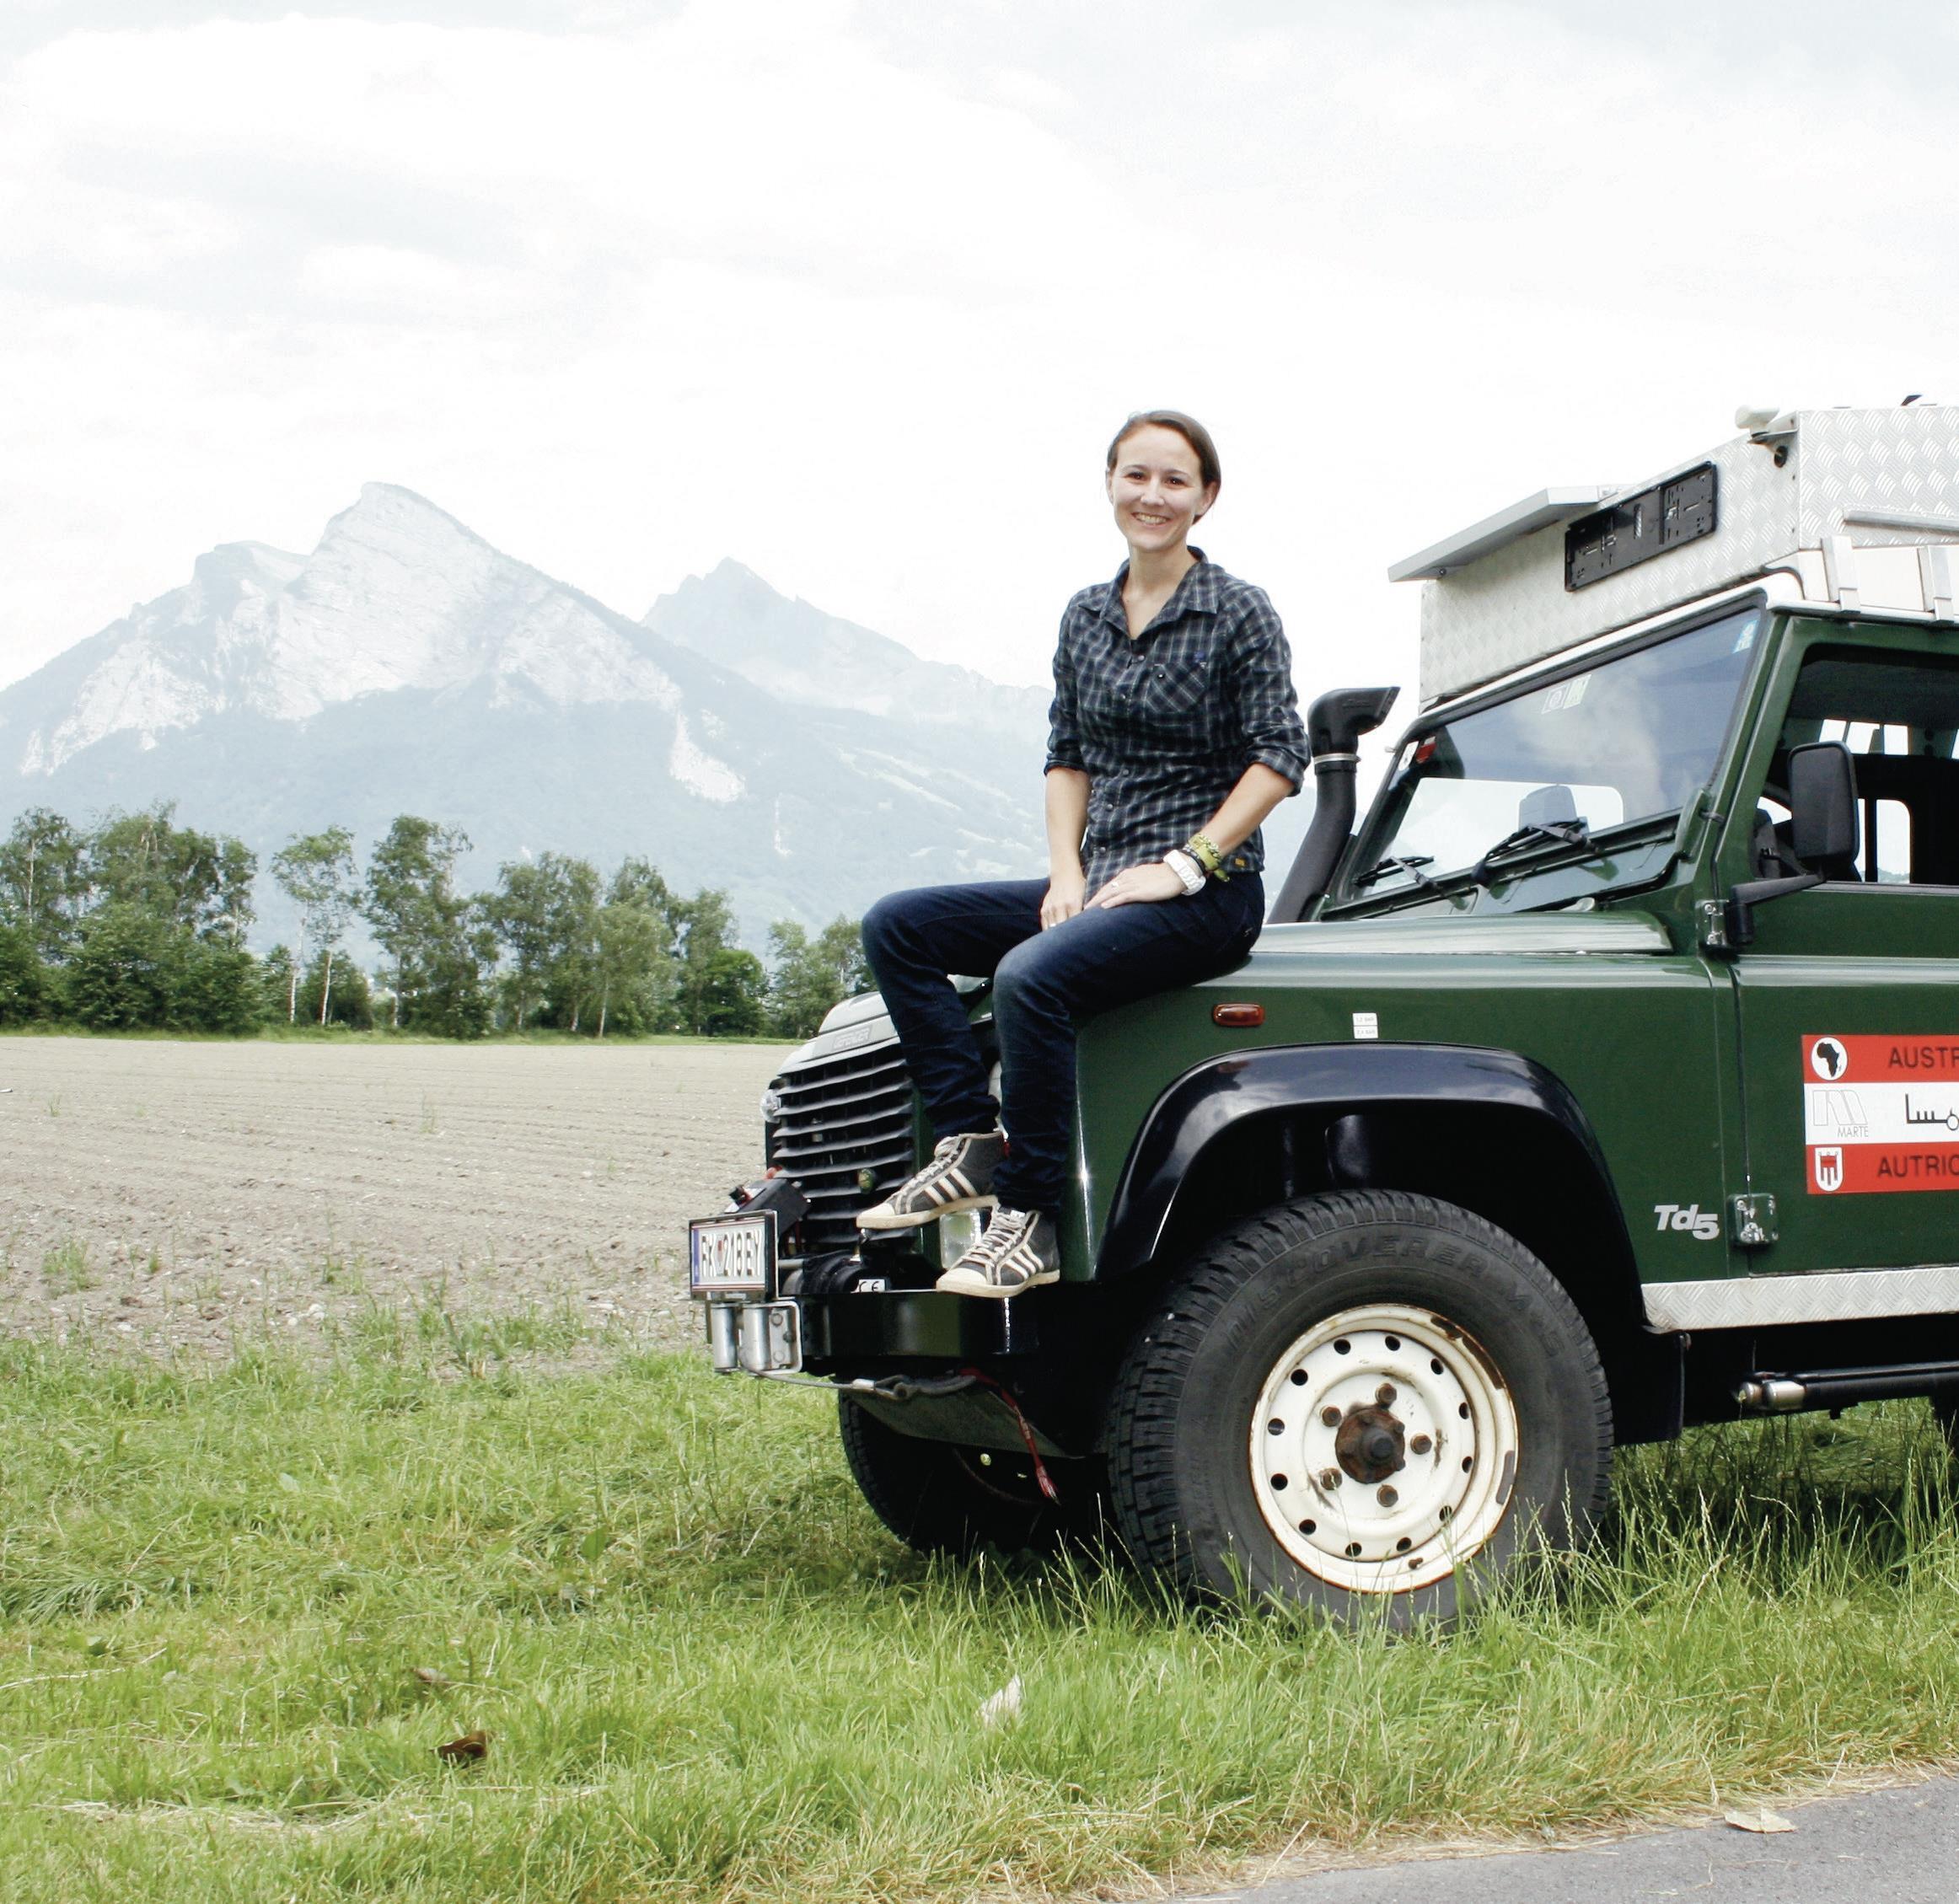 Sarganserländer Zeitungsartikel, Monika Peball-Korn Reiseexpertin von The Safari Source, Valens, Schweiz, Afrika, Simbabwe